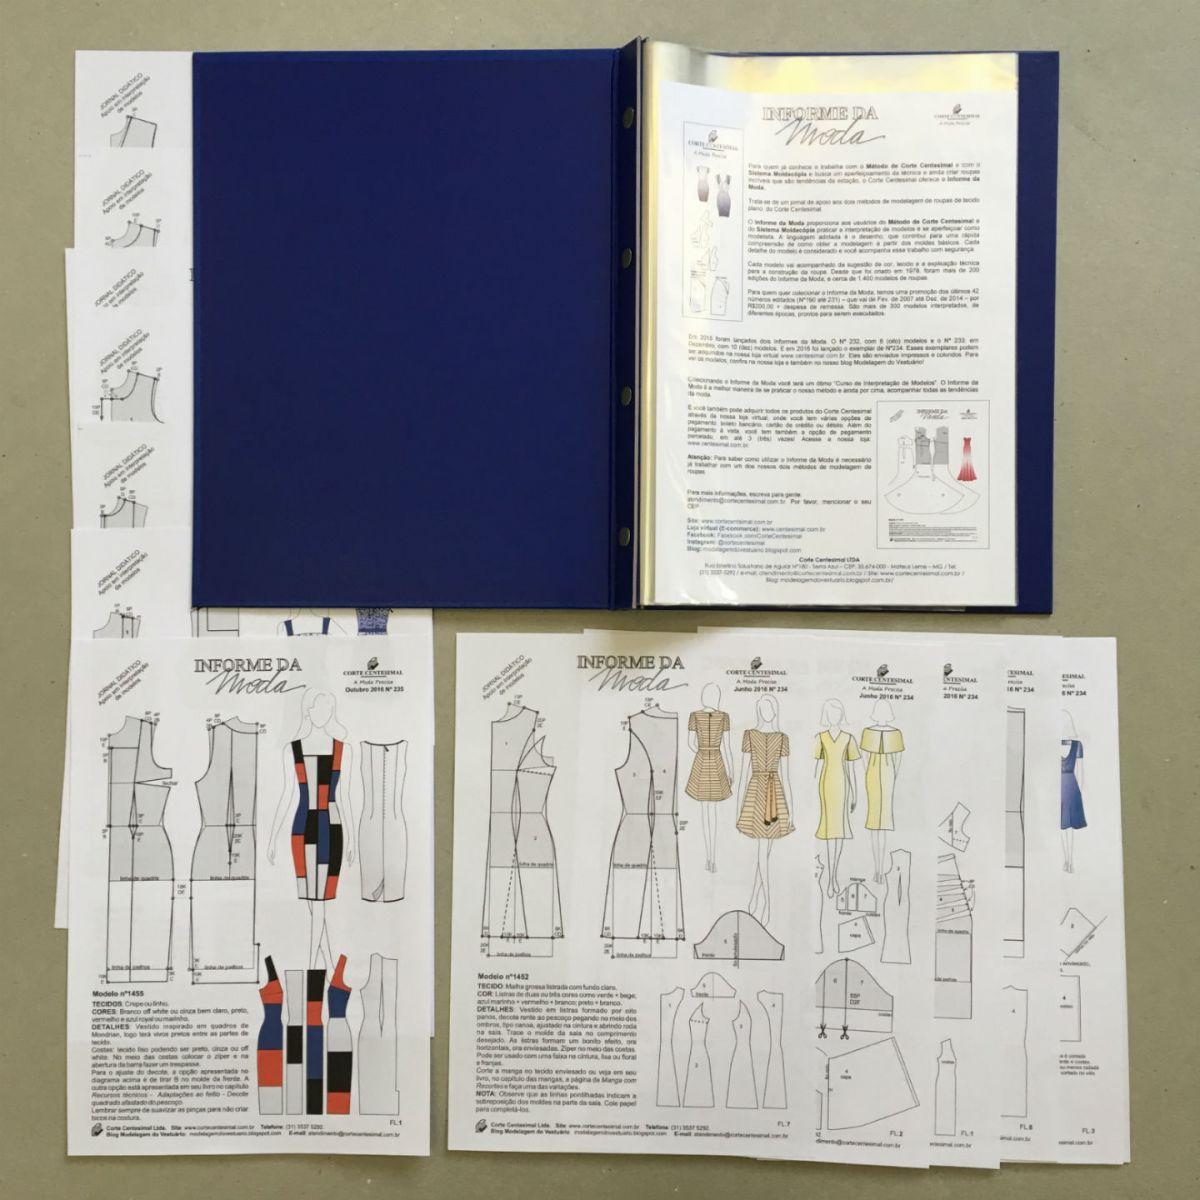 Pasta Catálogo e Informes da Moda 2015/2016  - Corte Centesimal